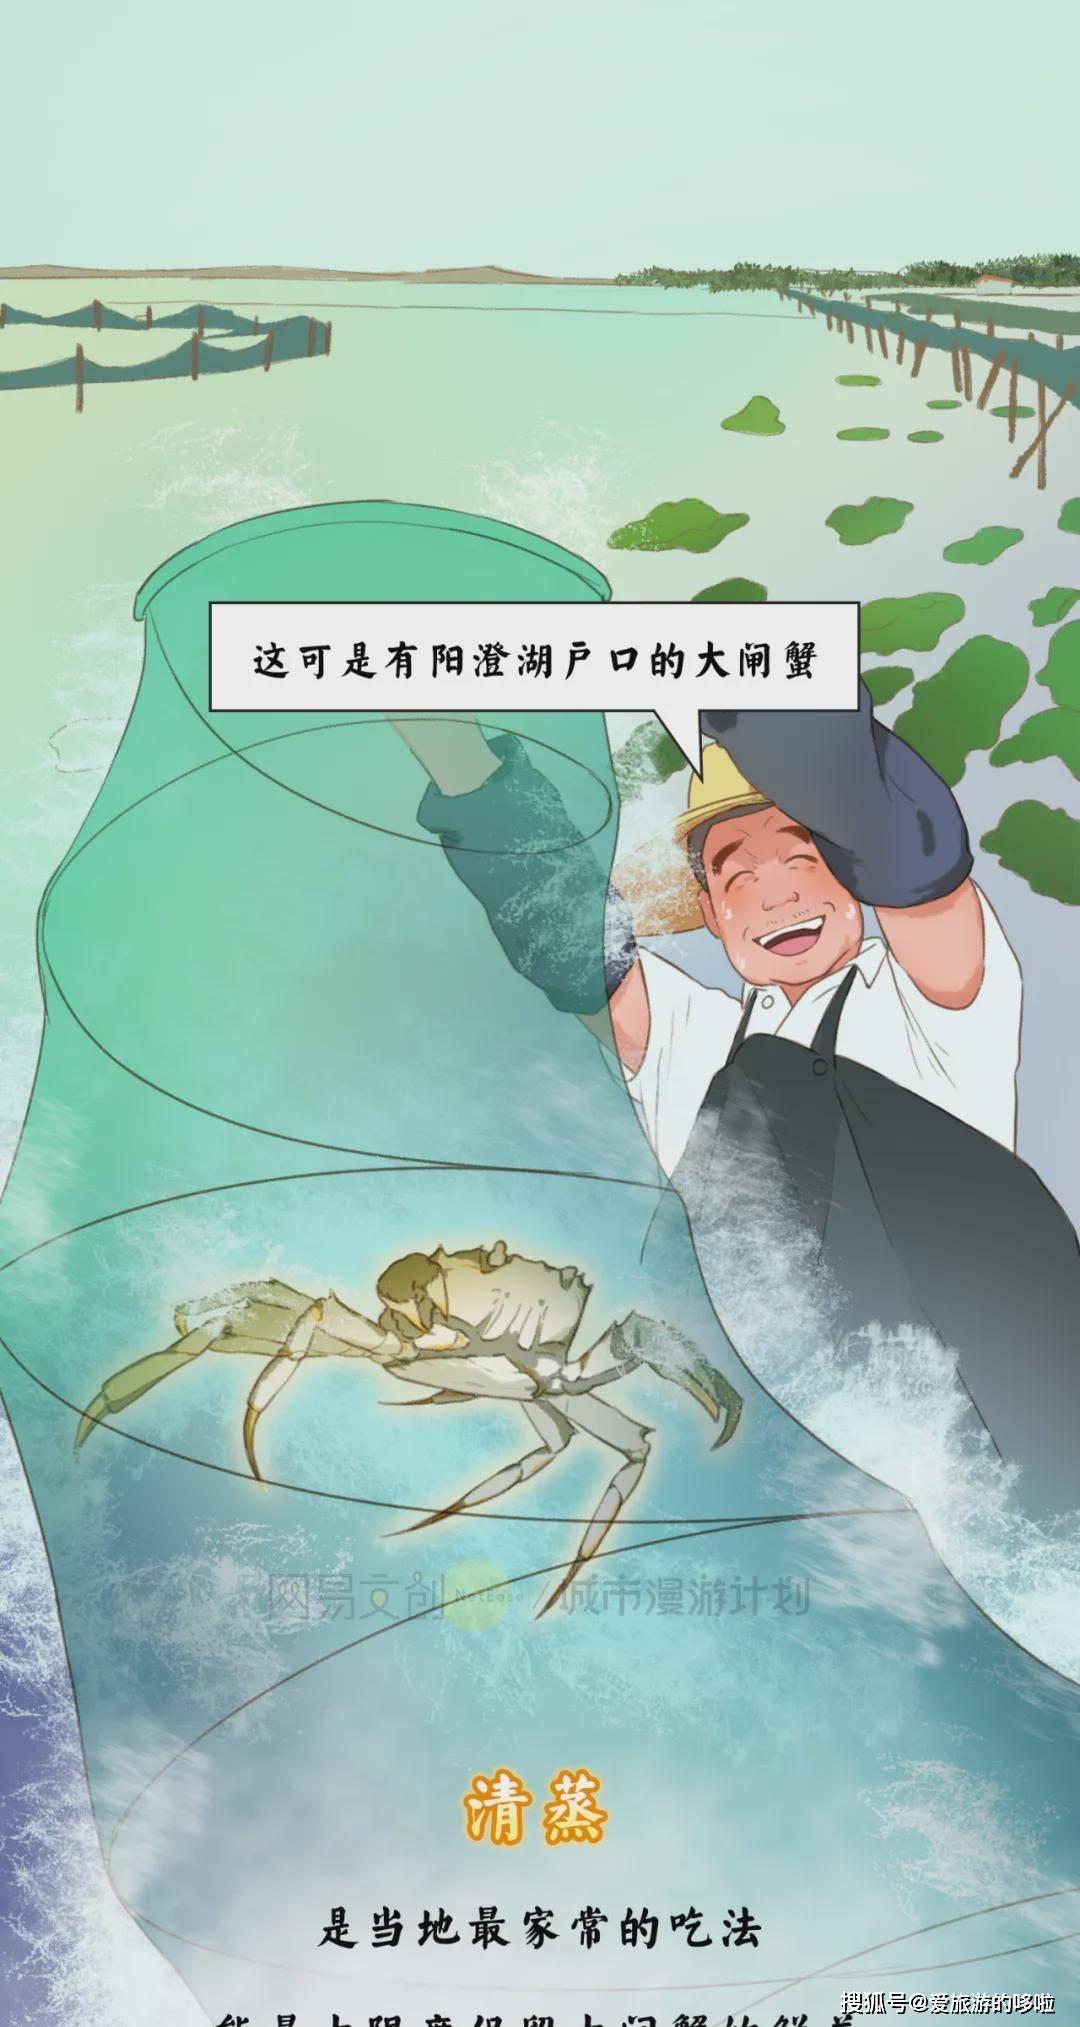 全中国哪里的螃蟹最好吃_?